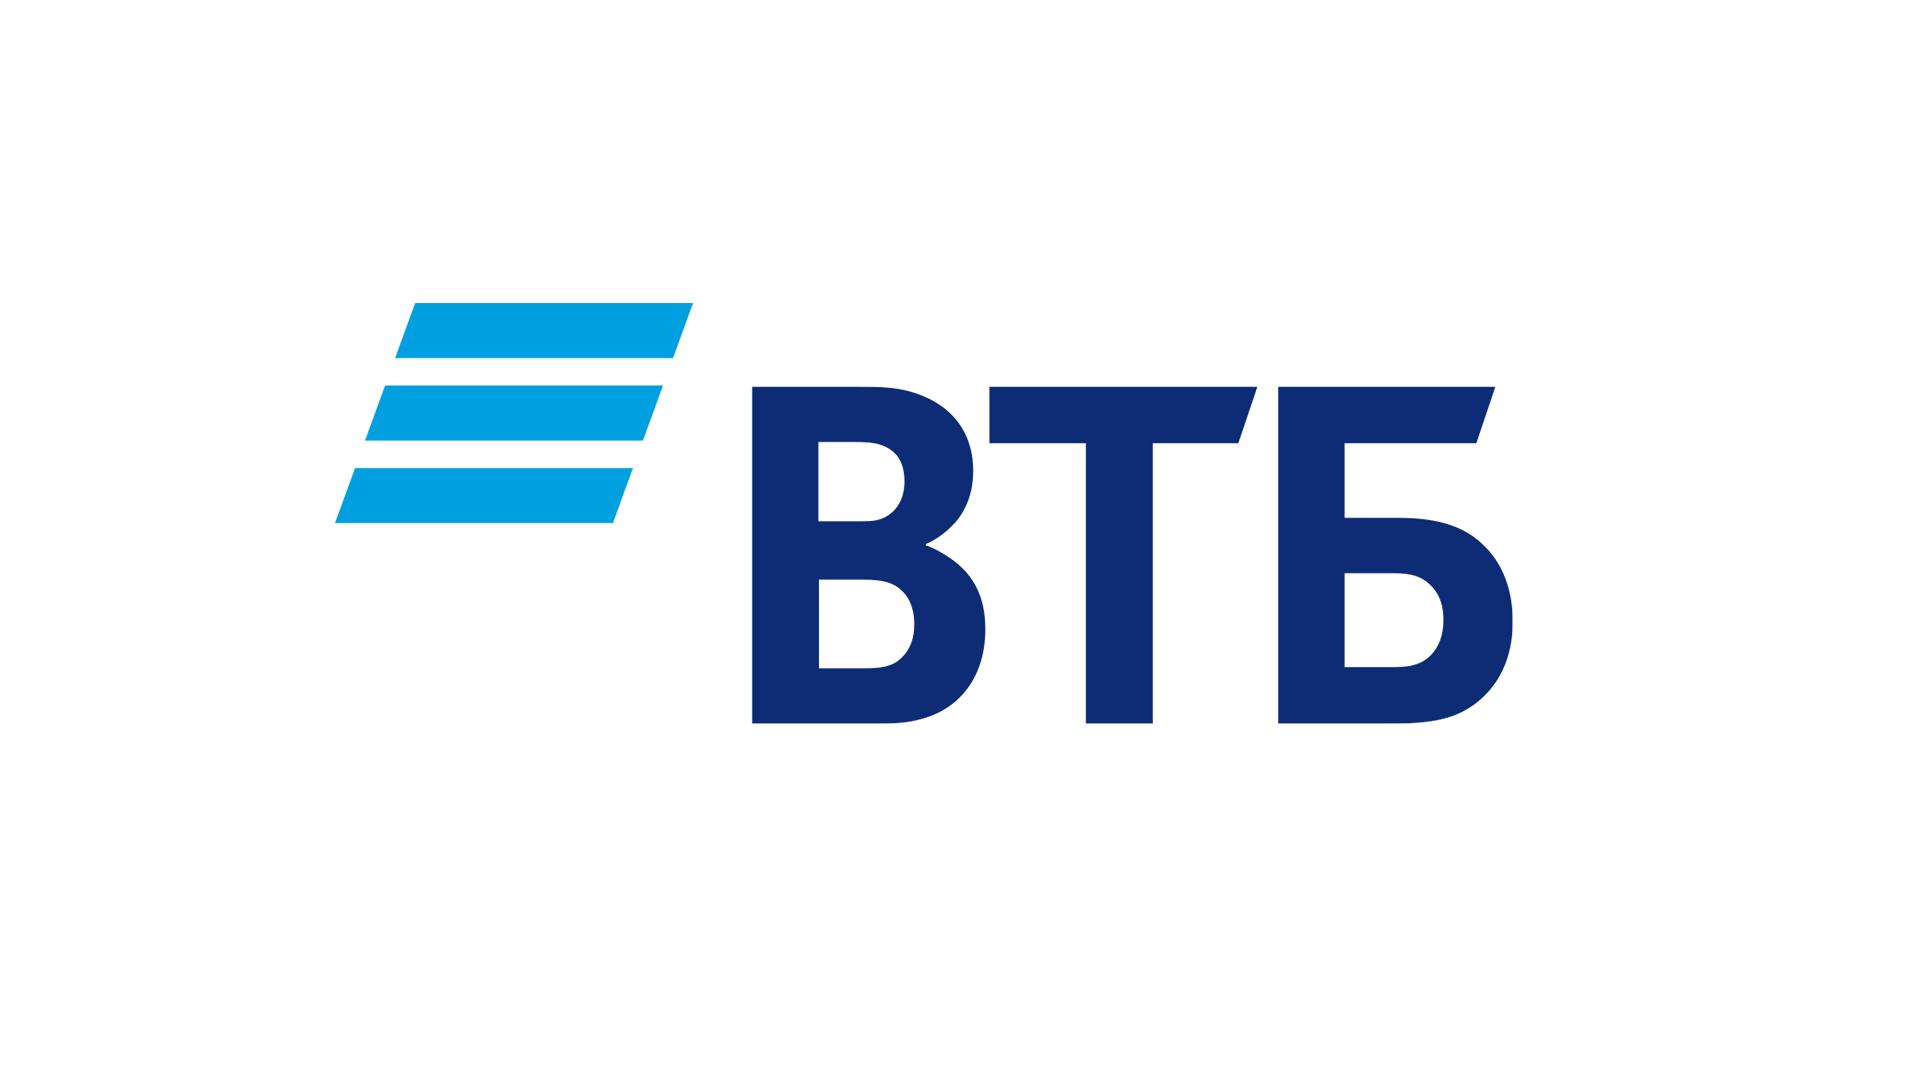 ВТБ в Северной Осетии увеличил выдачу ипотечных кредитов на 28%